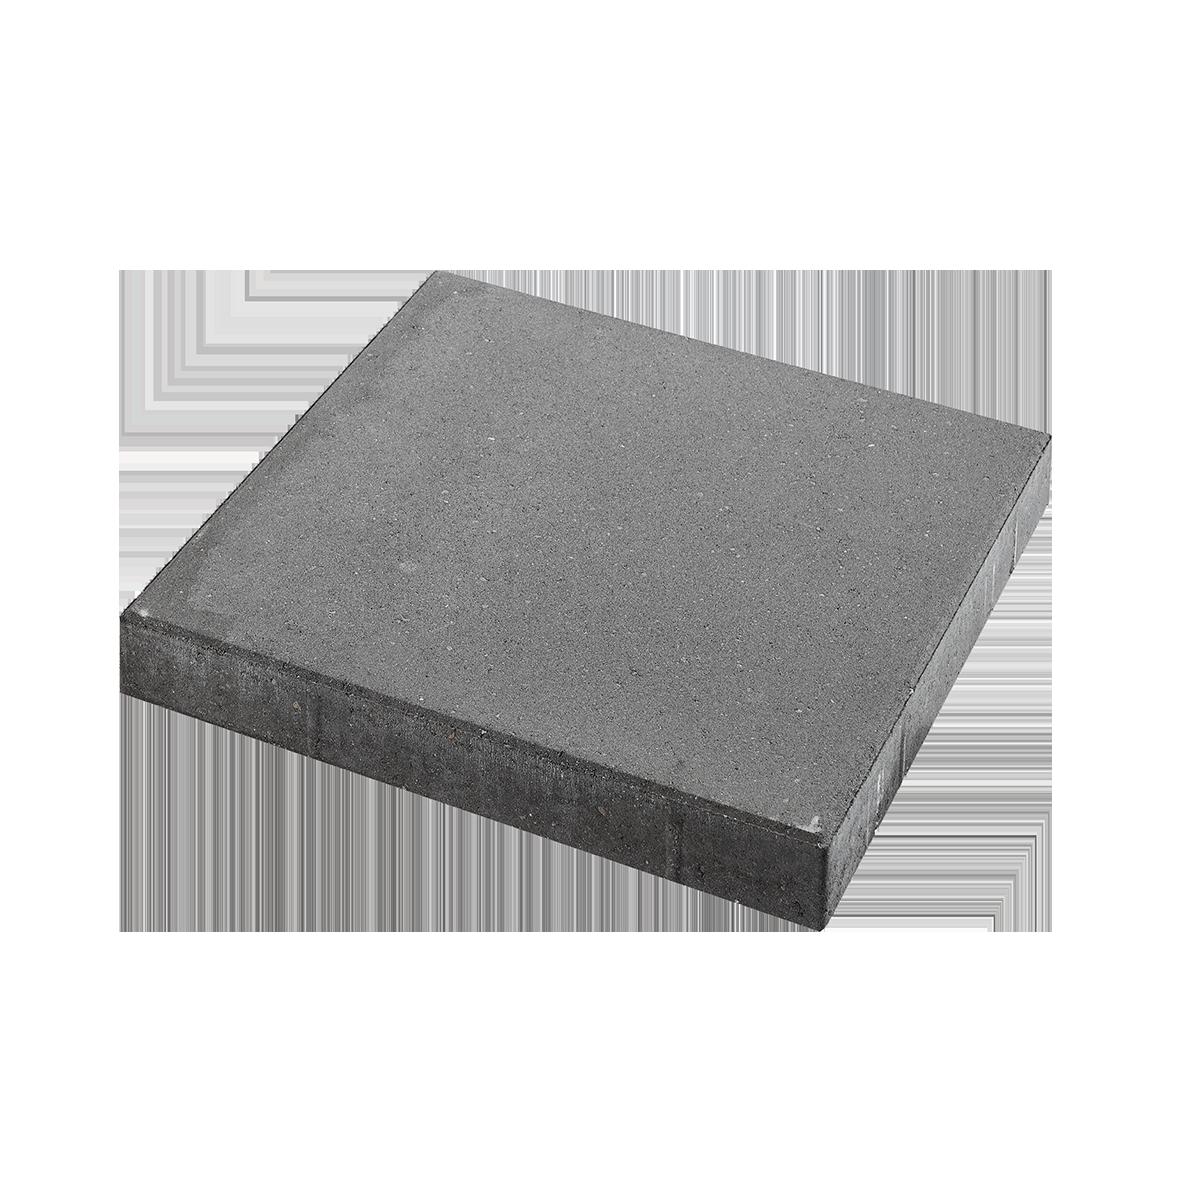 Fliser 50x50x8 cm Grå